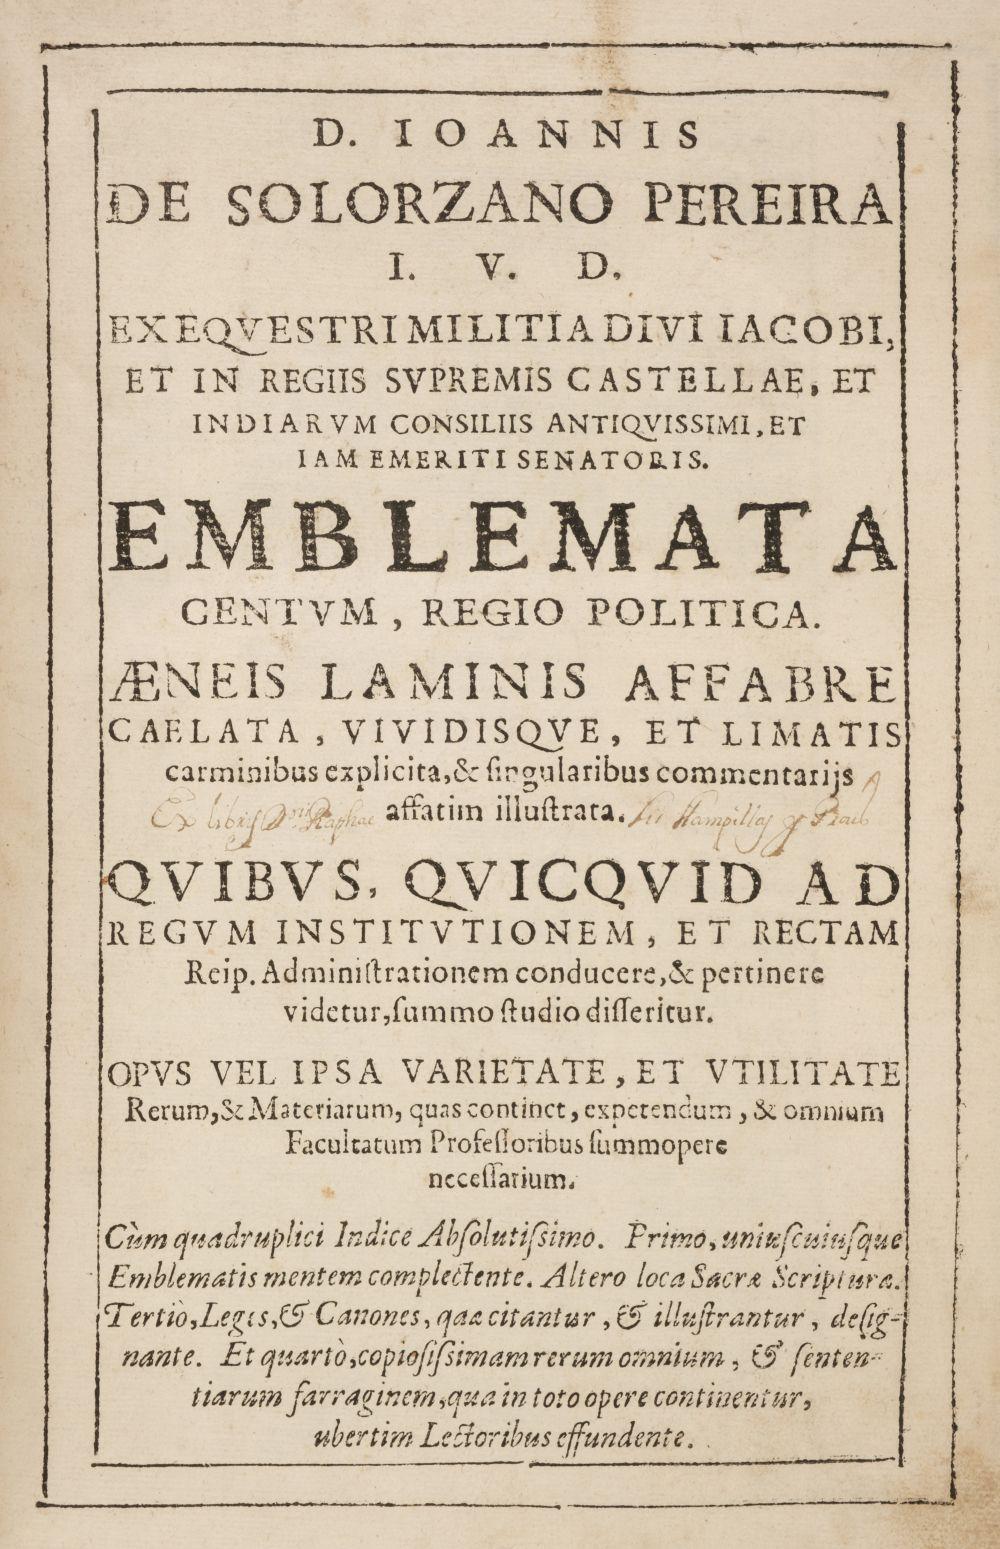 Solorzano Pereira (Juan de). Emblemata centum, regio politica, Madrid, 1653 - Image 2 of 10